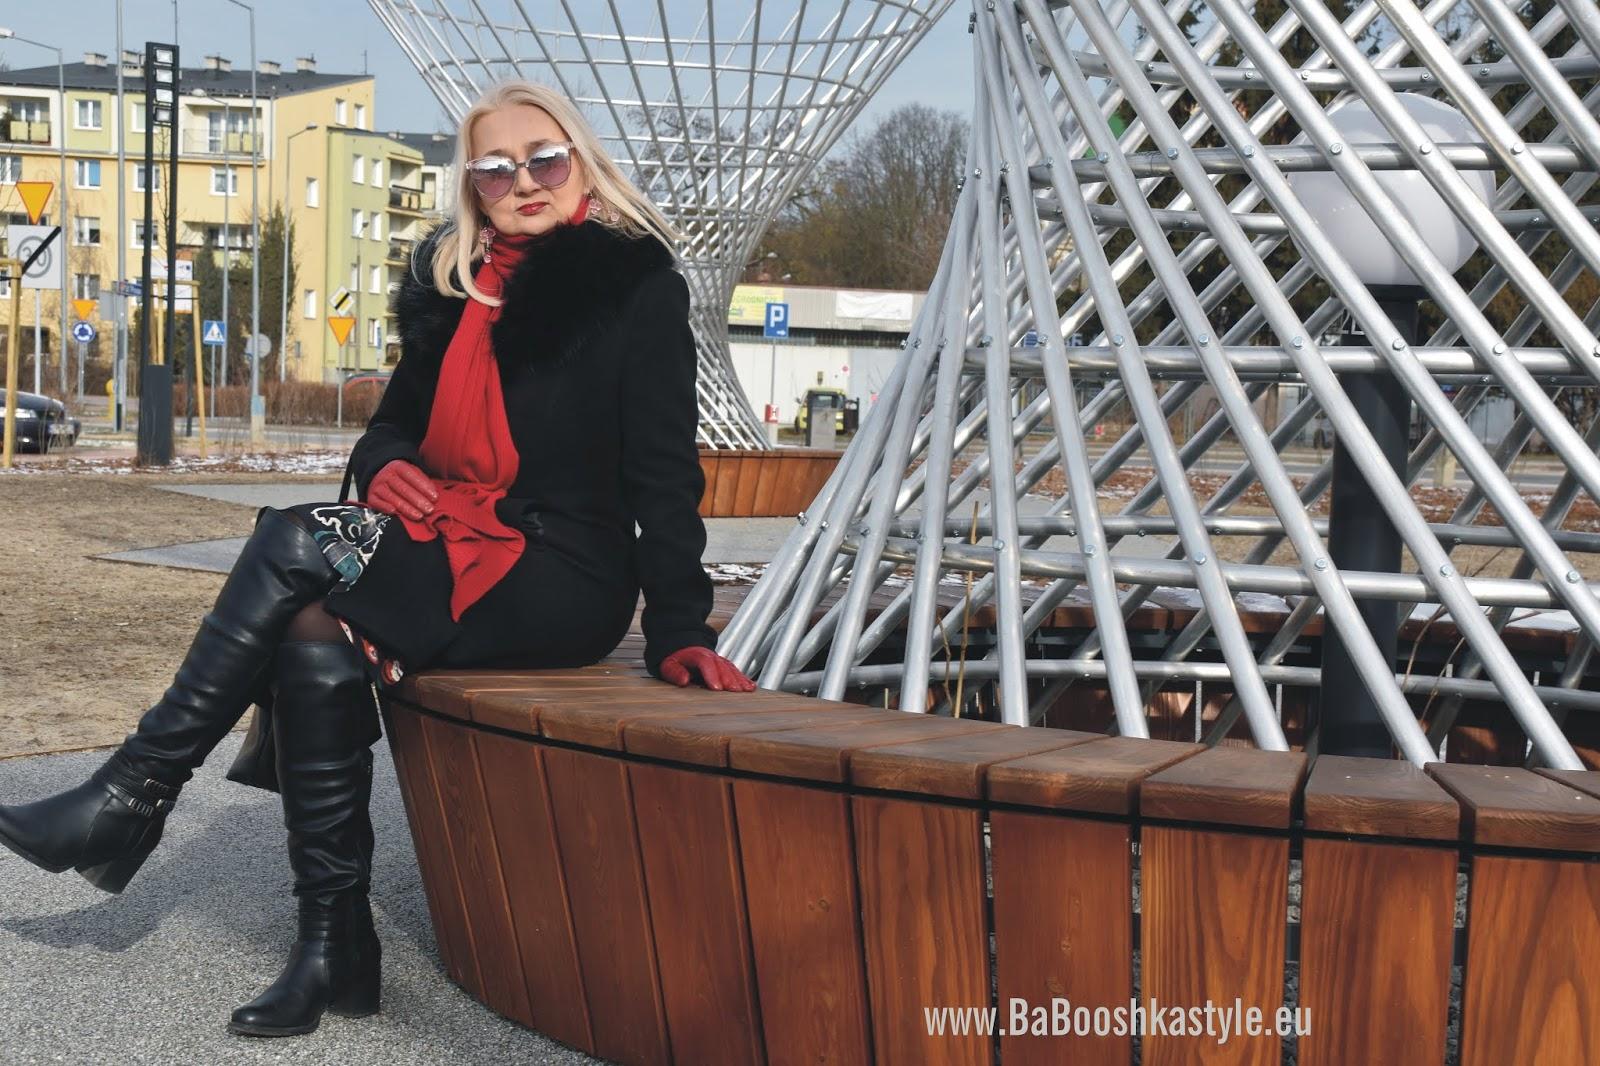 babooshkastyle, babooshka stylistka, stylistka, personal shopper, vintage, Orsay, Zara, Deichmann, skórzana, over50plus, modna50, mahogany.pl